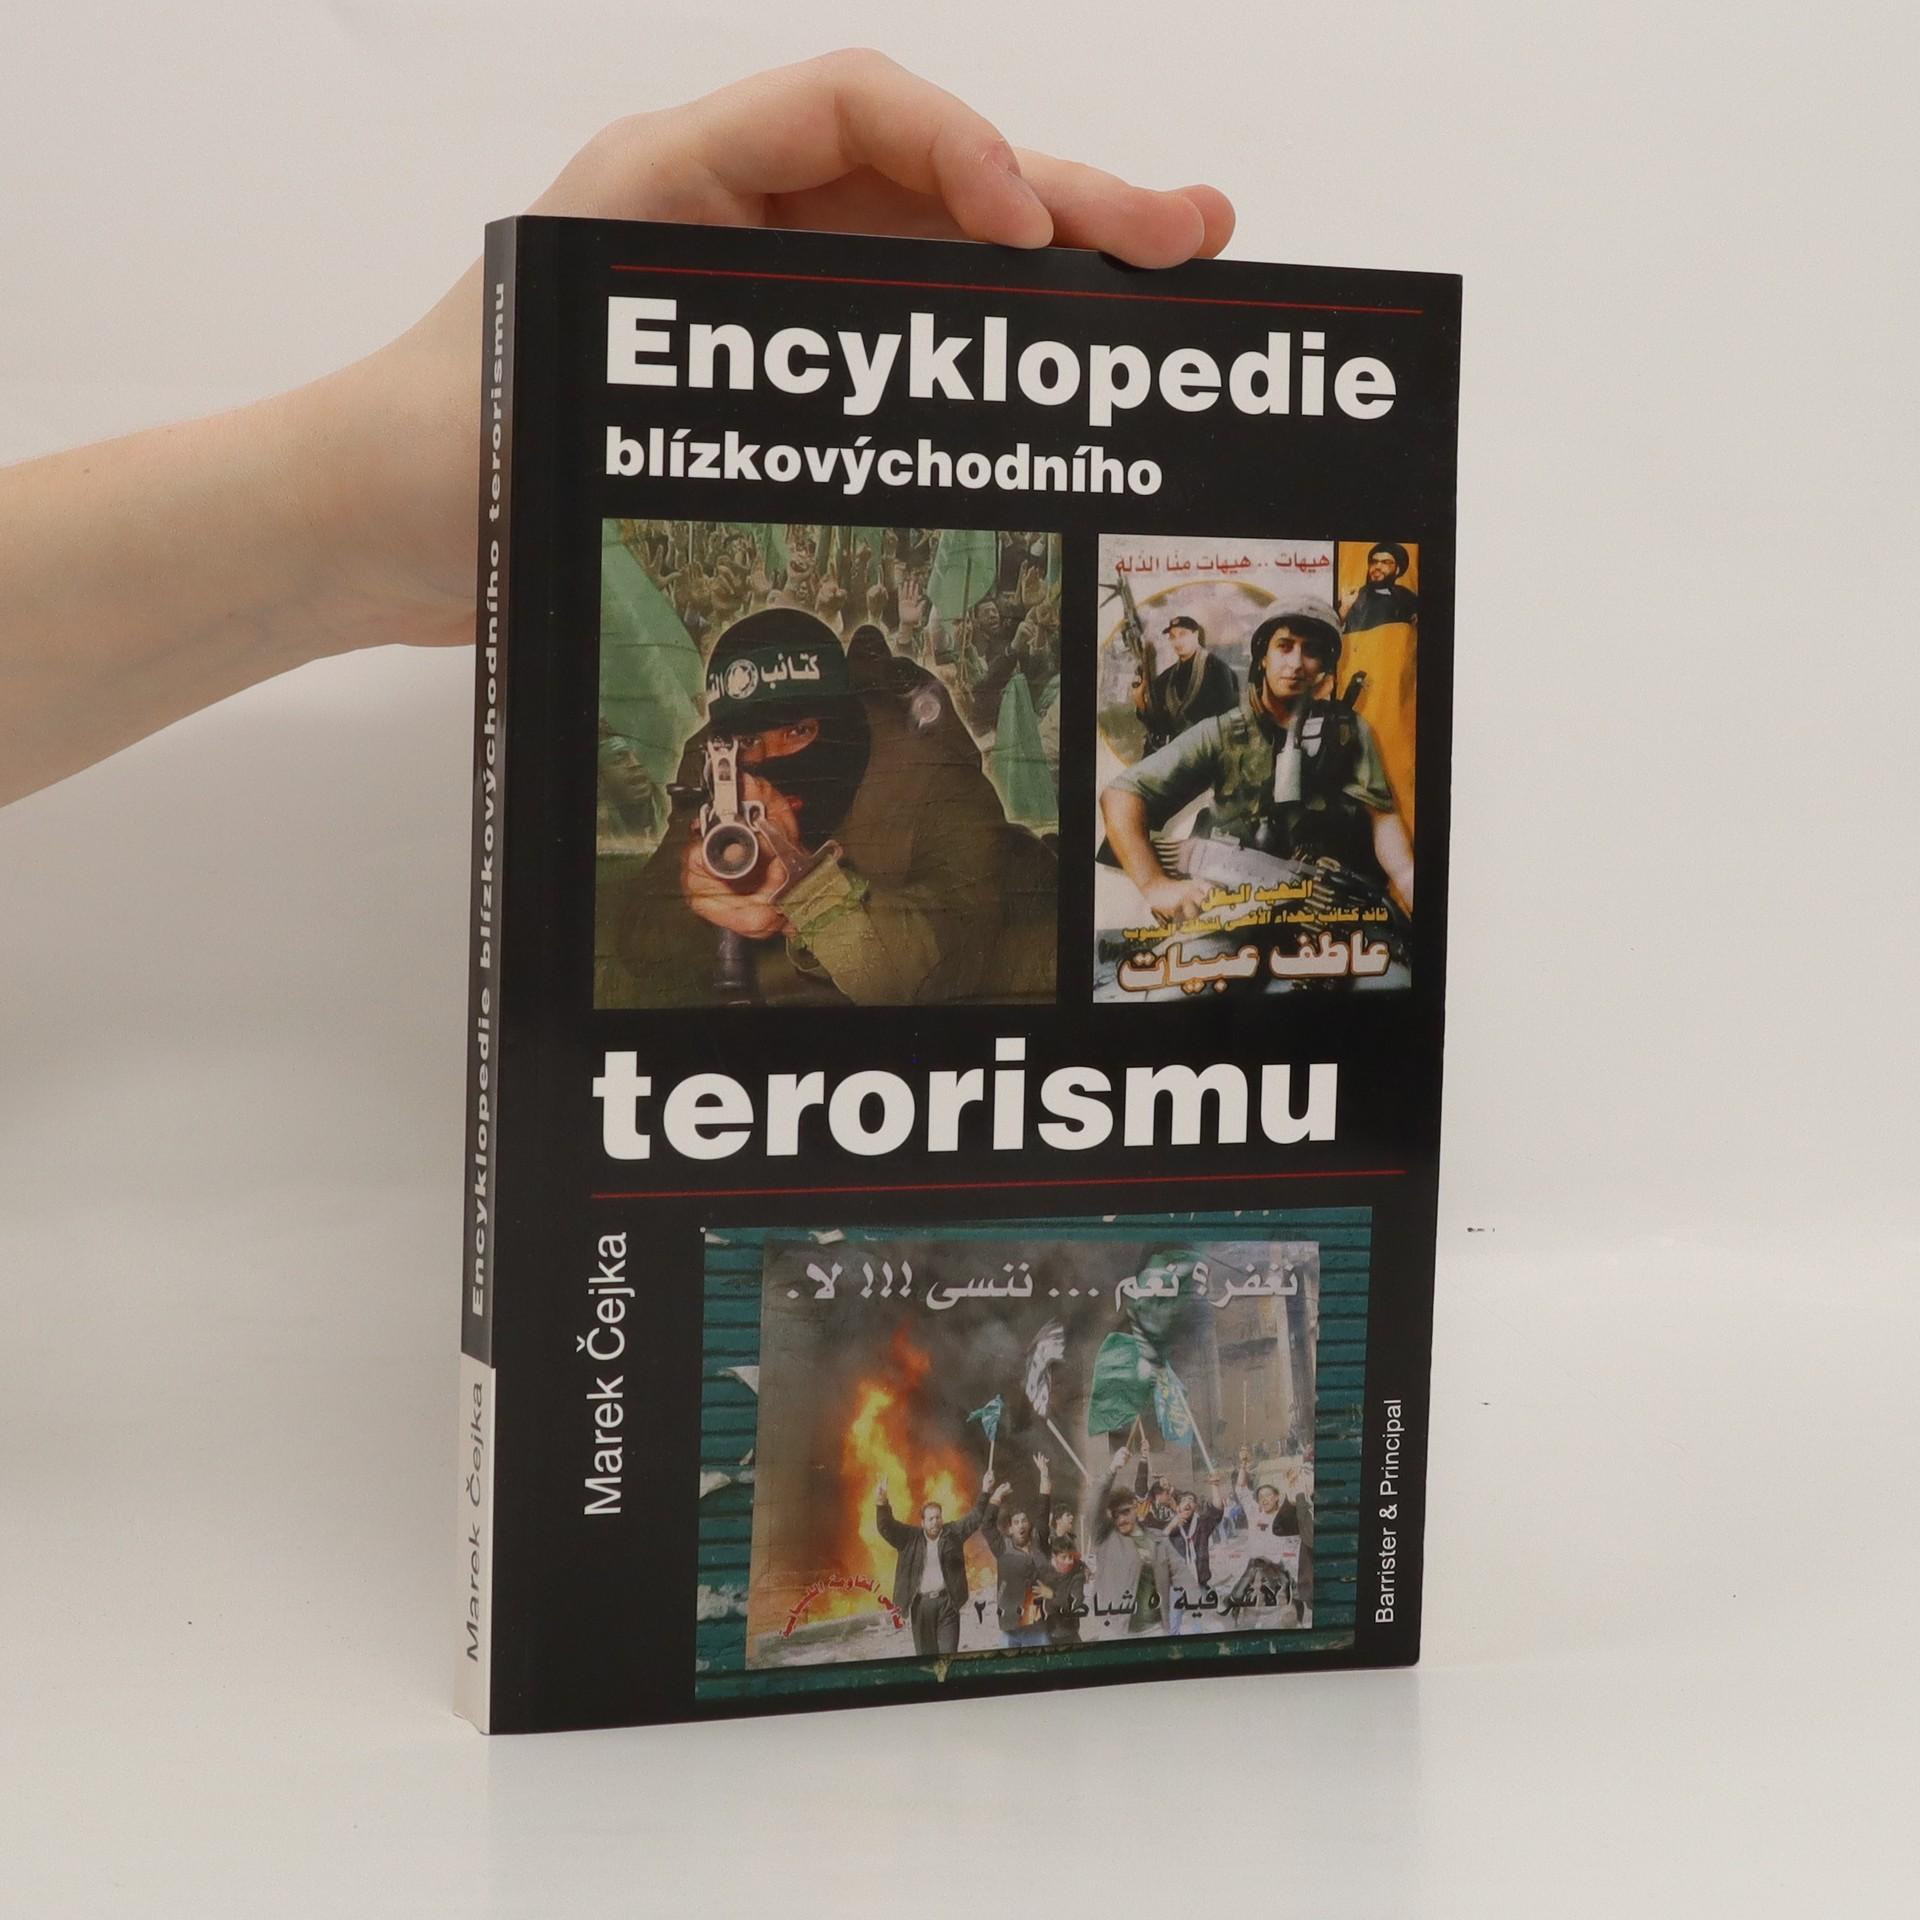 antikvární kniha Encyklopedie blízkovýchodního terorismu, 2007